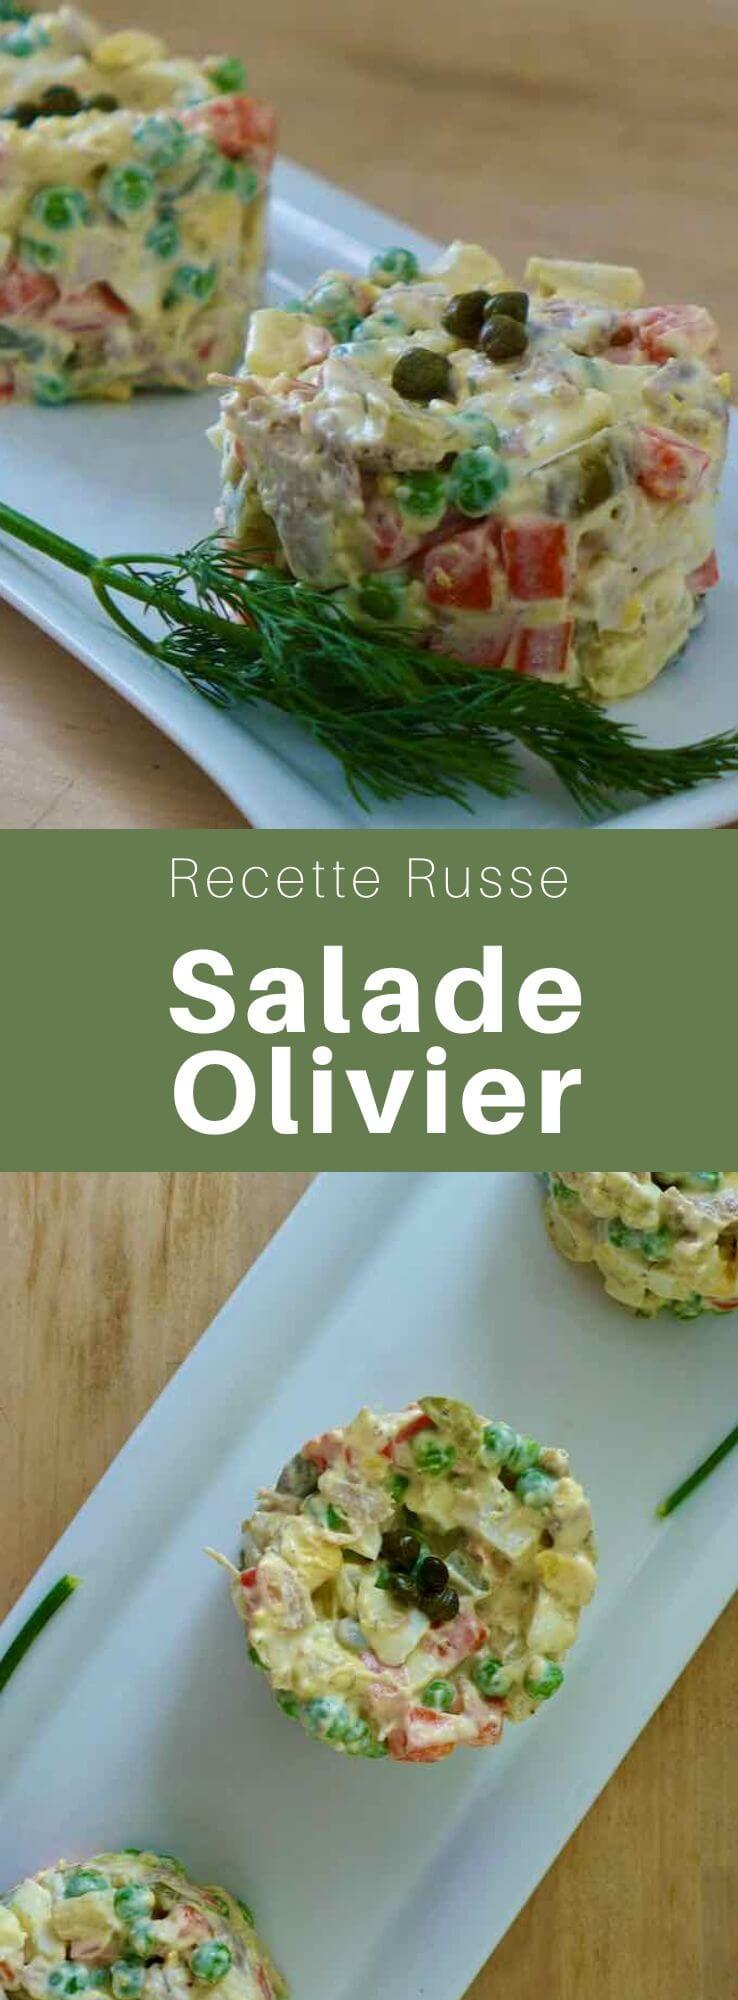 La version originale de la salade Olivier a été créée par Lucien Olivier dans les années 1860. Elle est composée de patates, légumes, œufs, poulet et mayo. #Russie #RecetteRusse #CuisineDuMonde #196flavors